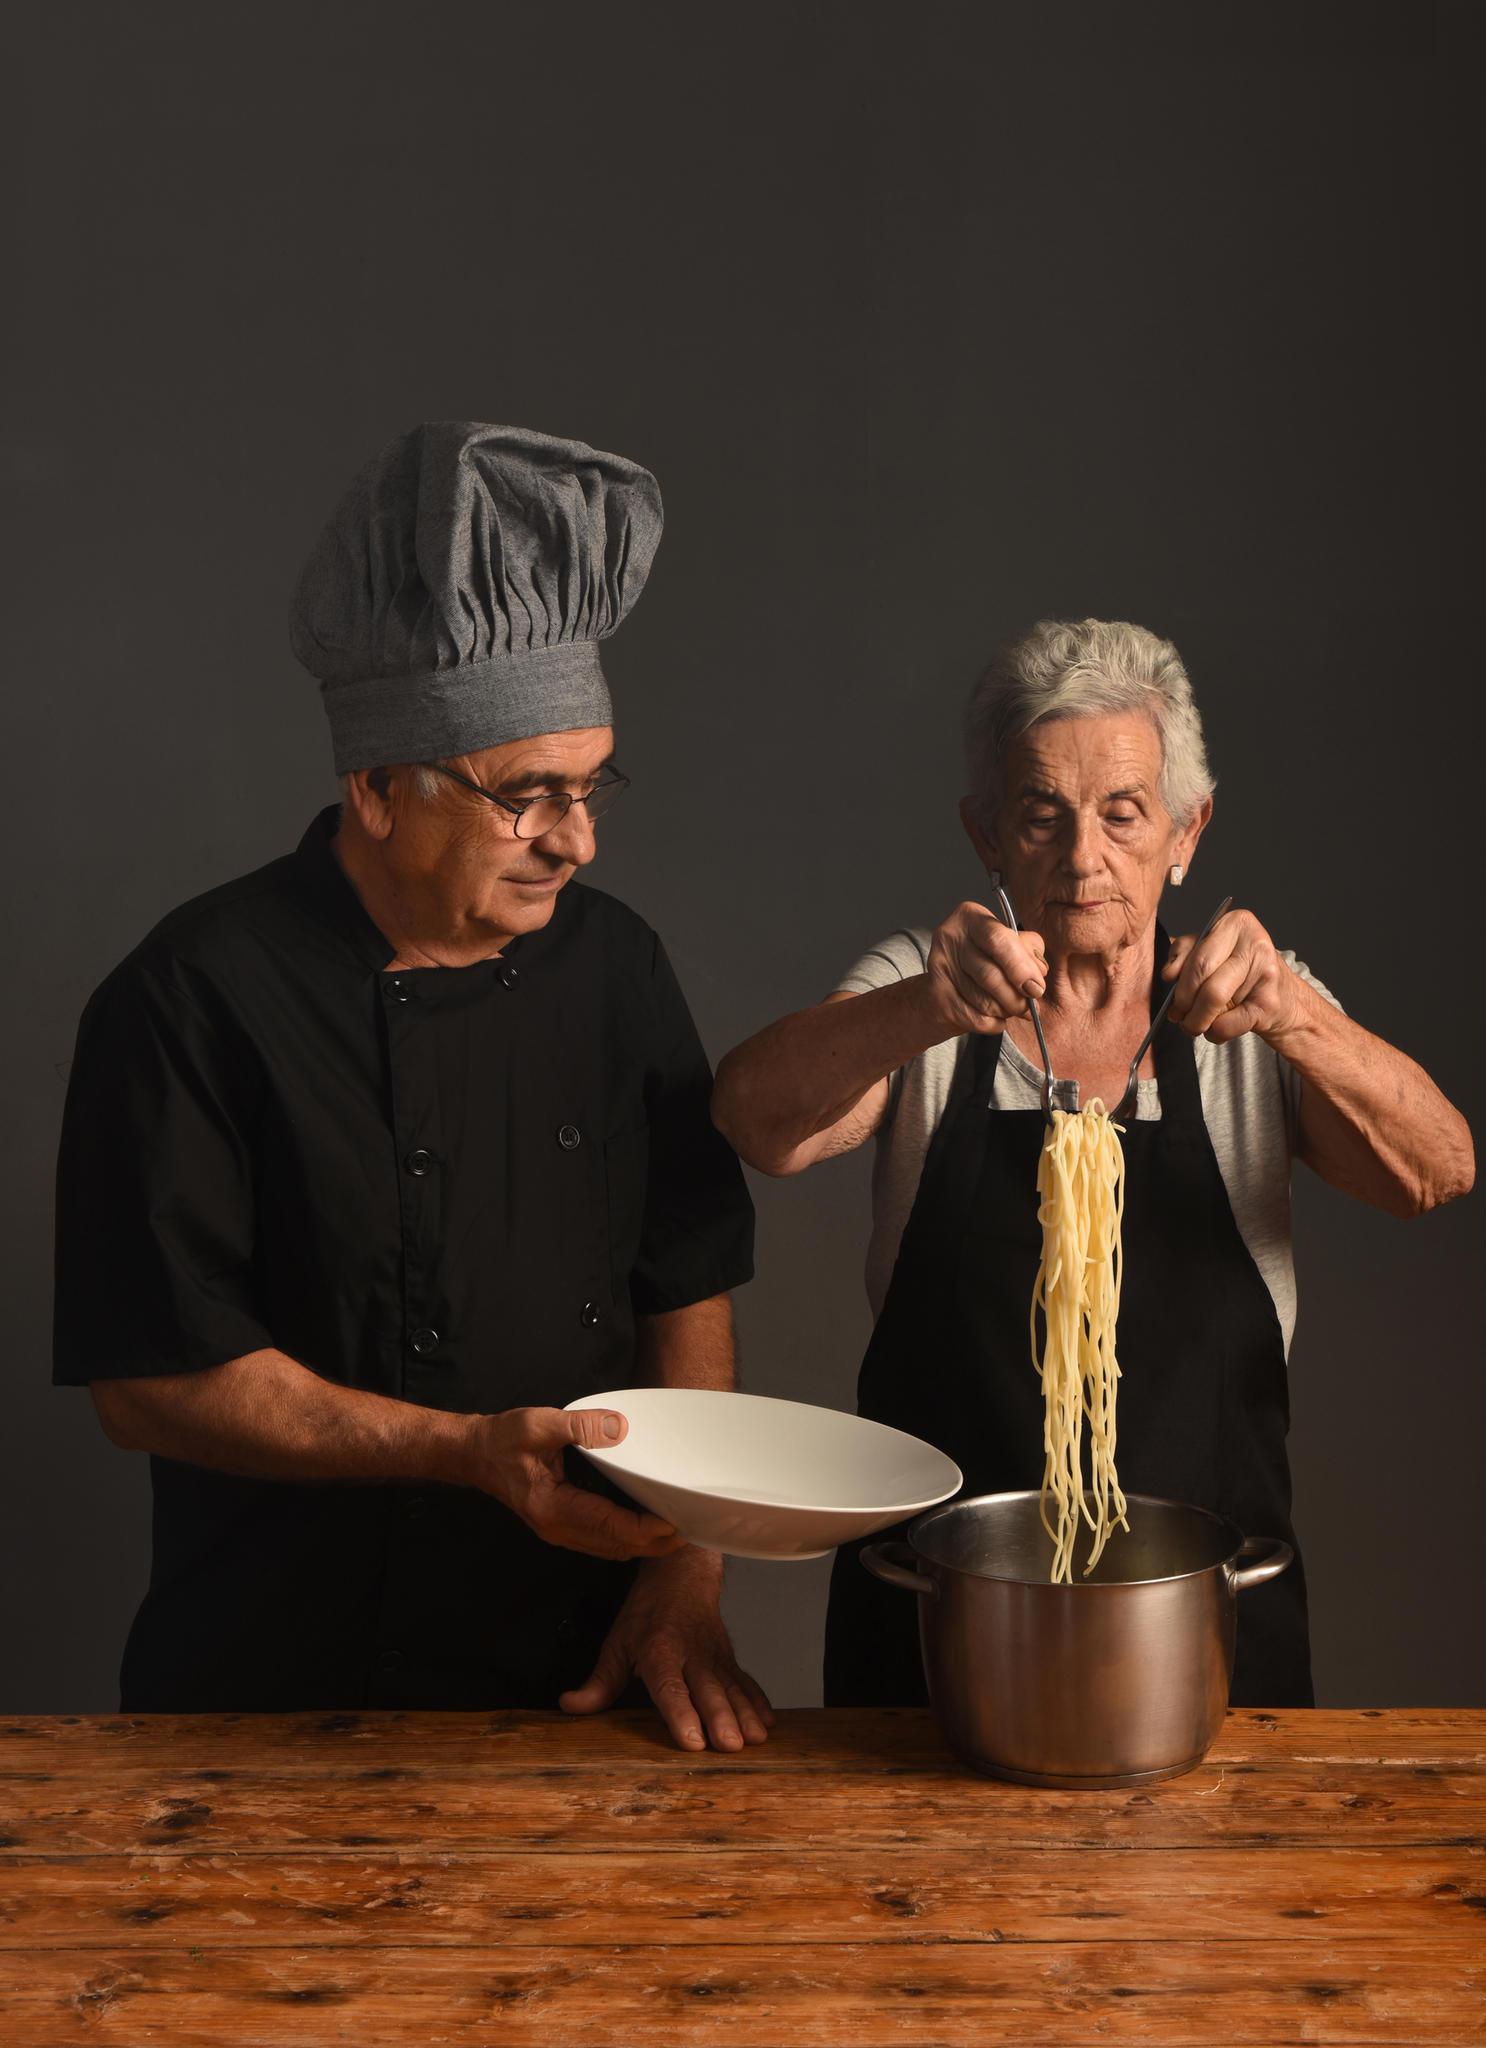 Für ihren Mann verzichtete eine Frau 70 Jahre auf Pizza und Pasta